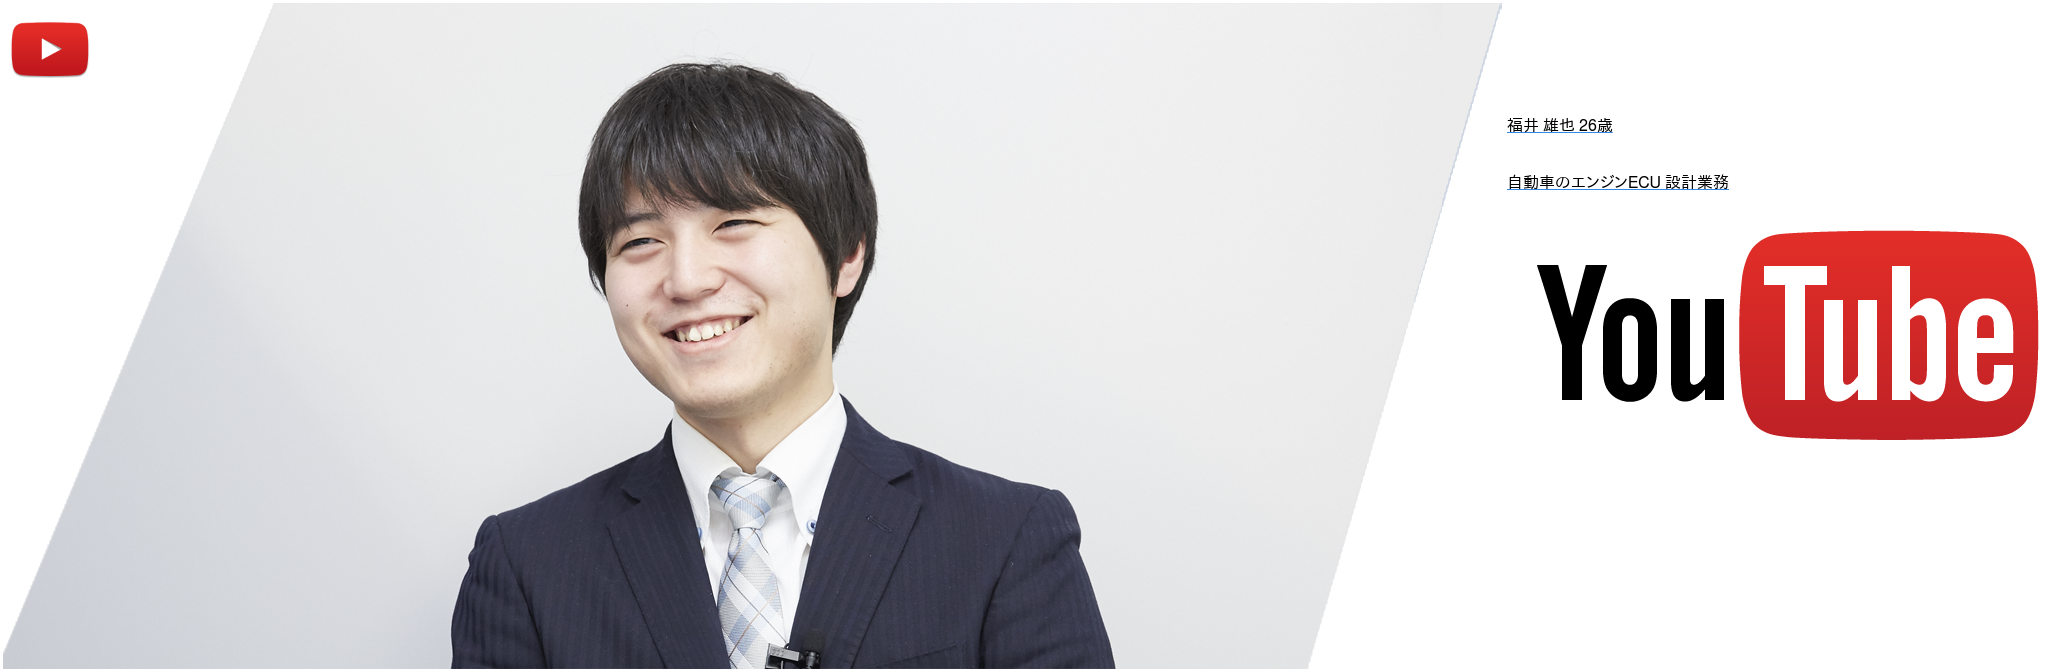 福井 雄也 26歳    自動車のエンジンECU 設計業務